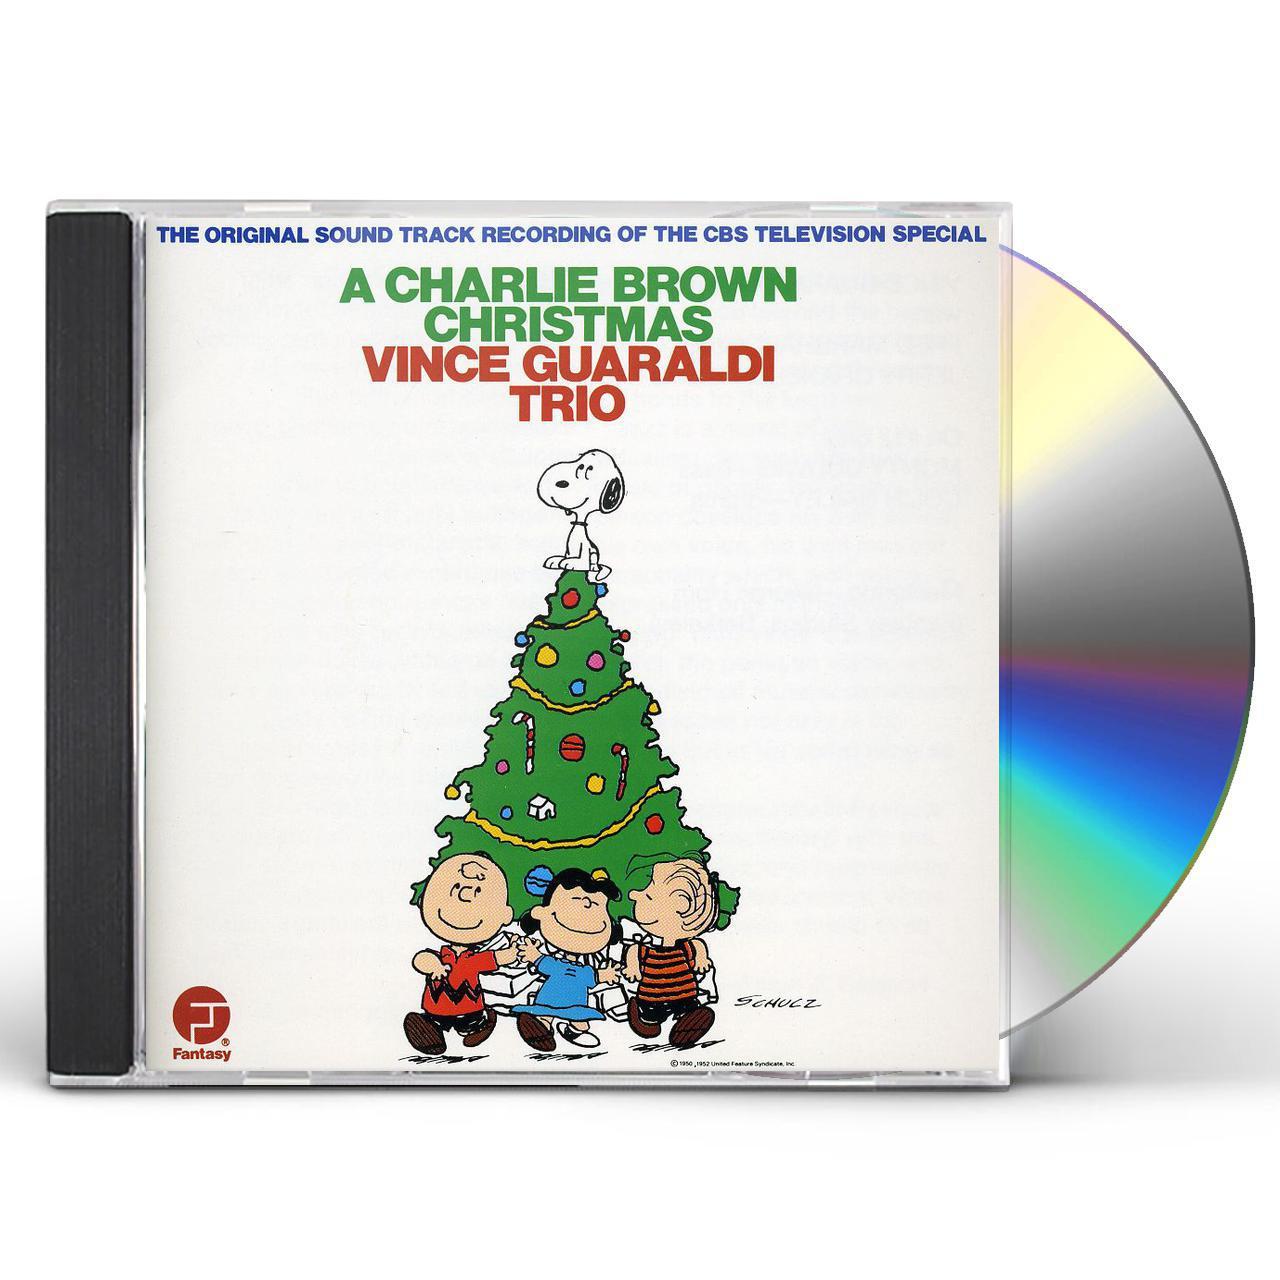 Vince Guaraldi CHARLIE BROWN CHRISTMAS CD